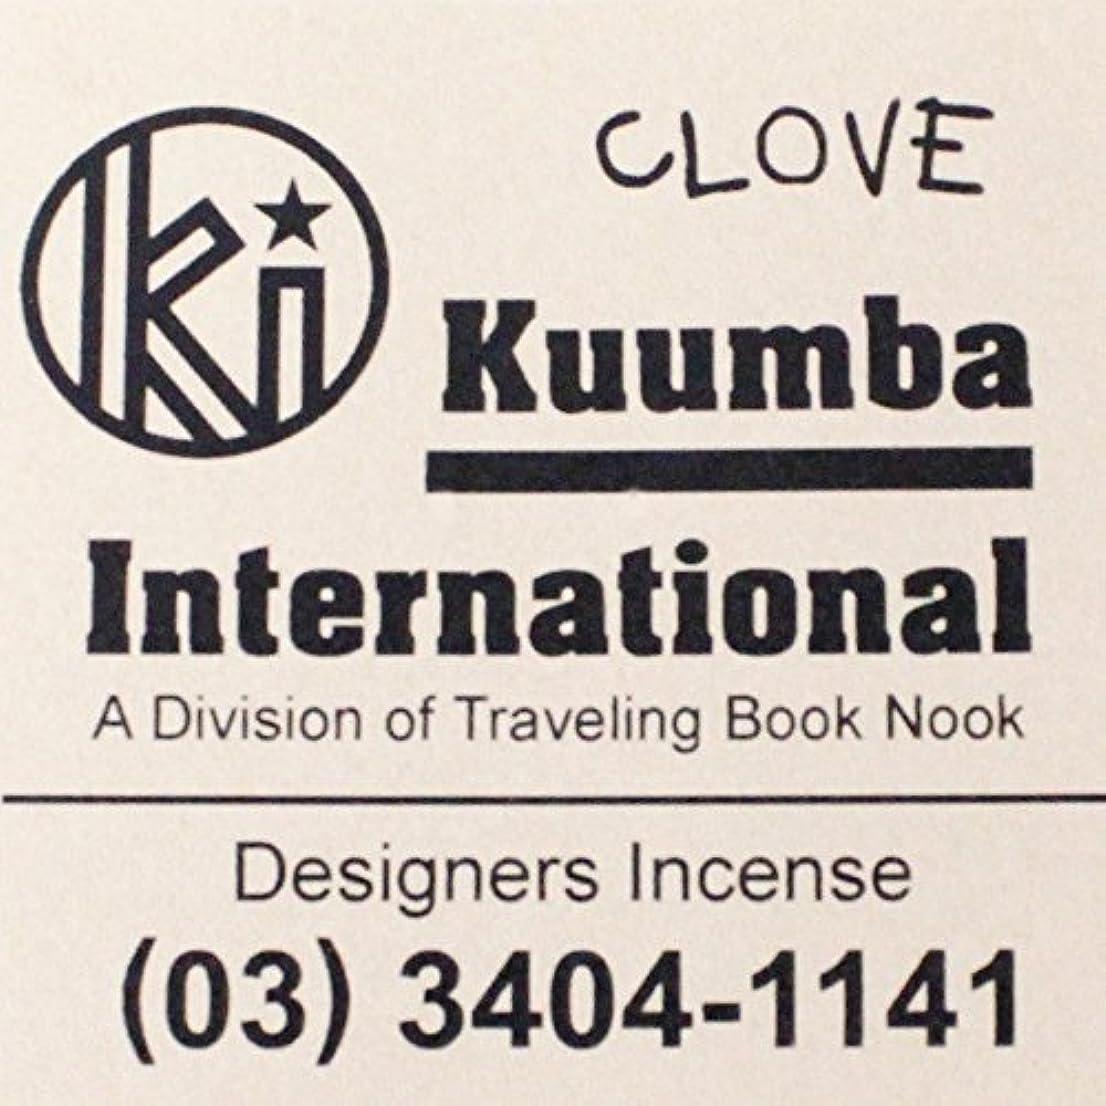 ゴミ箱を空にするテメリティリングバック(クンバ) KUUMBA『incense』(CLOVE) (Regular size)